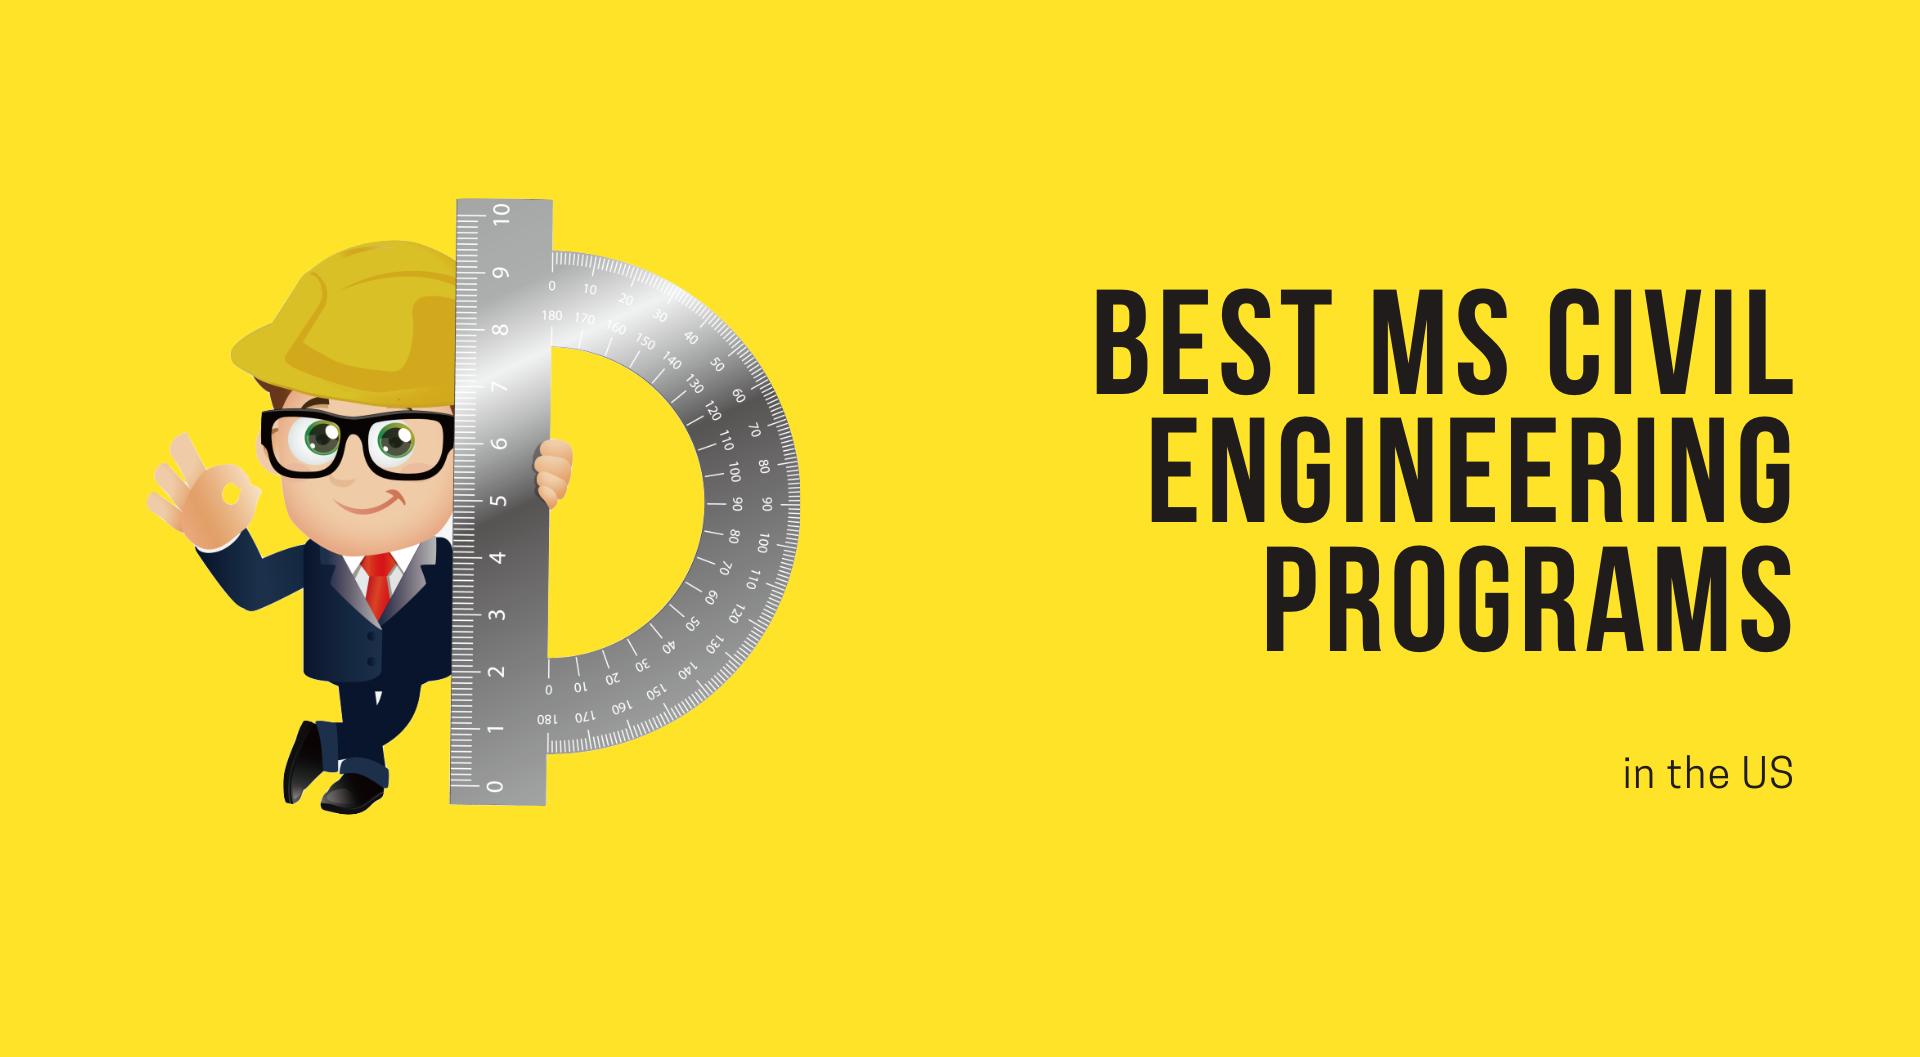 Best MS Civil Engineering Programs in the US